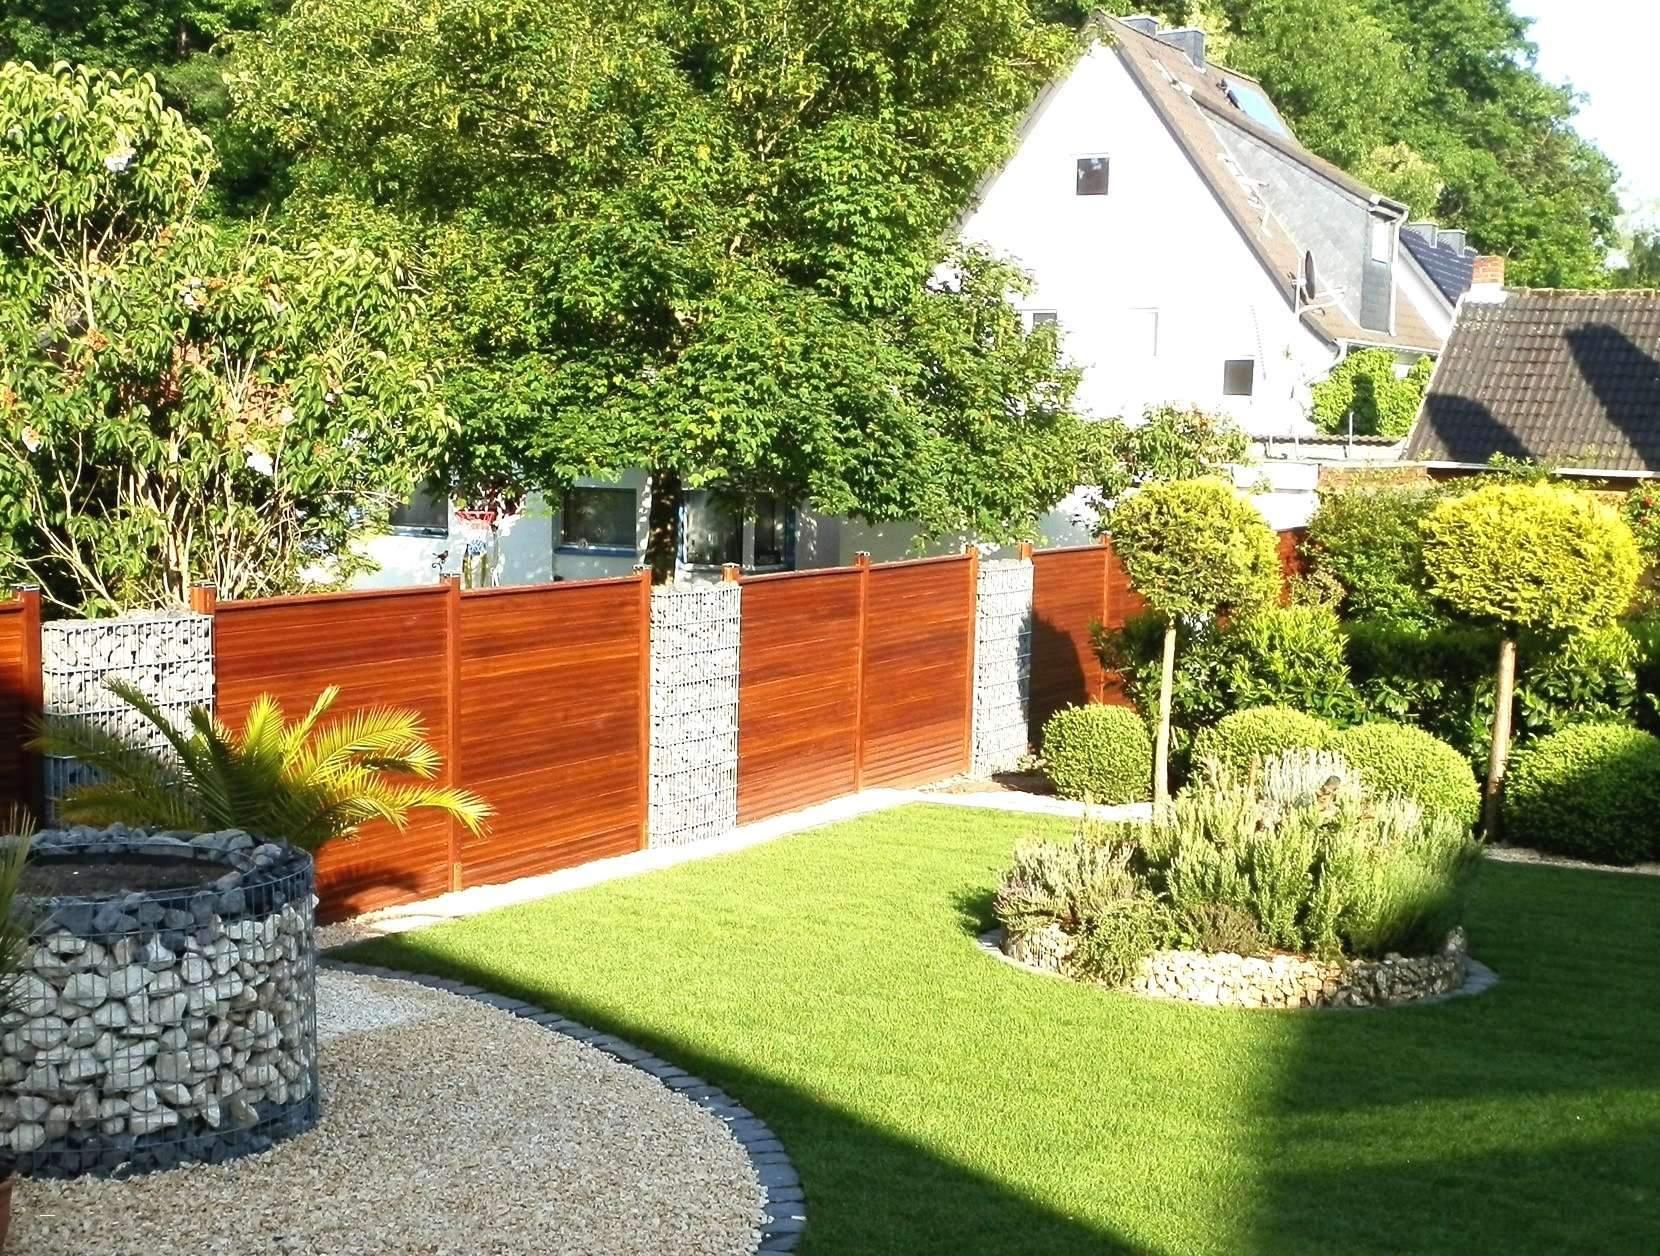 Gartengestaltung Kleine Gärten Inspirierend 37 Das Beste Von Kleine Gärten Gestalten Beispiele Luxus